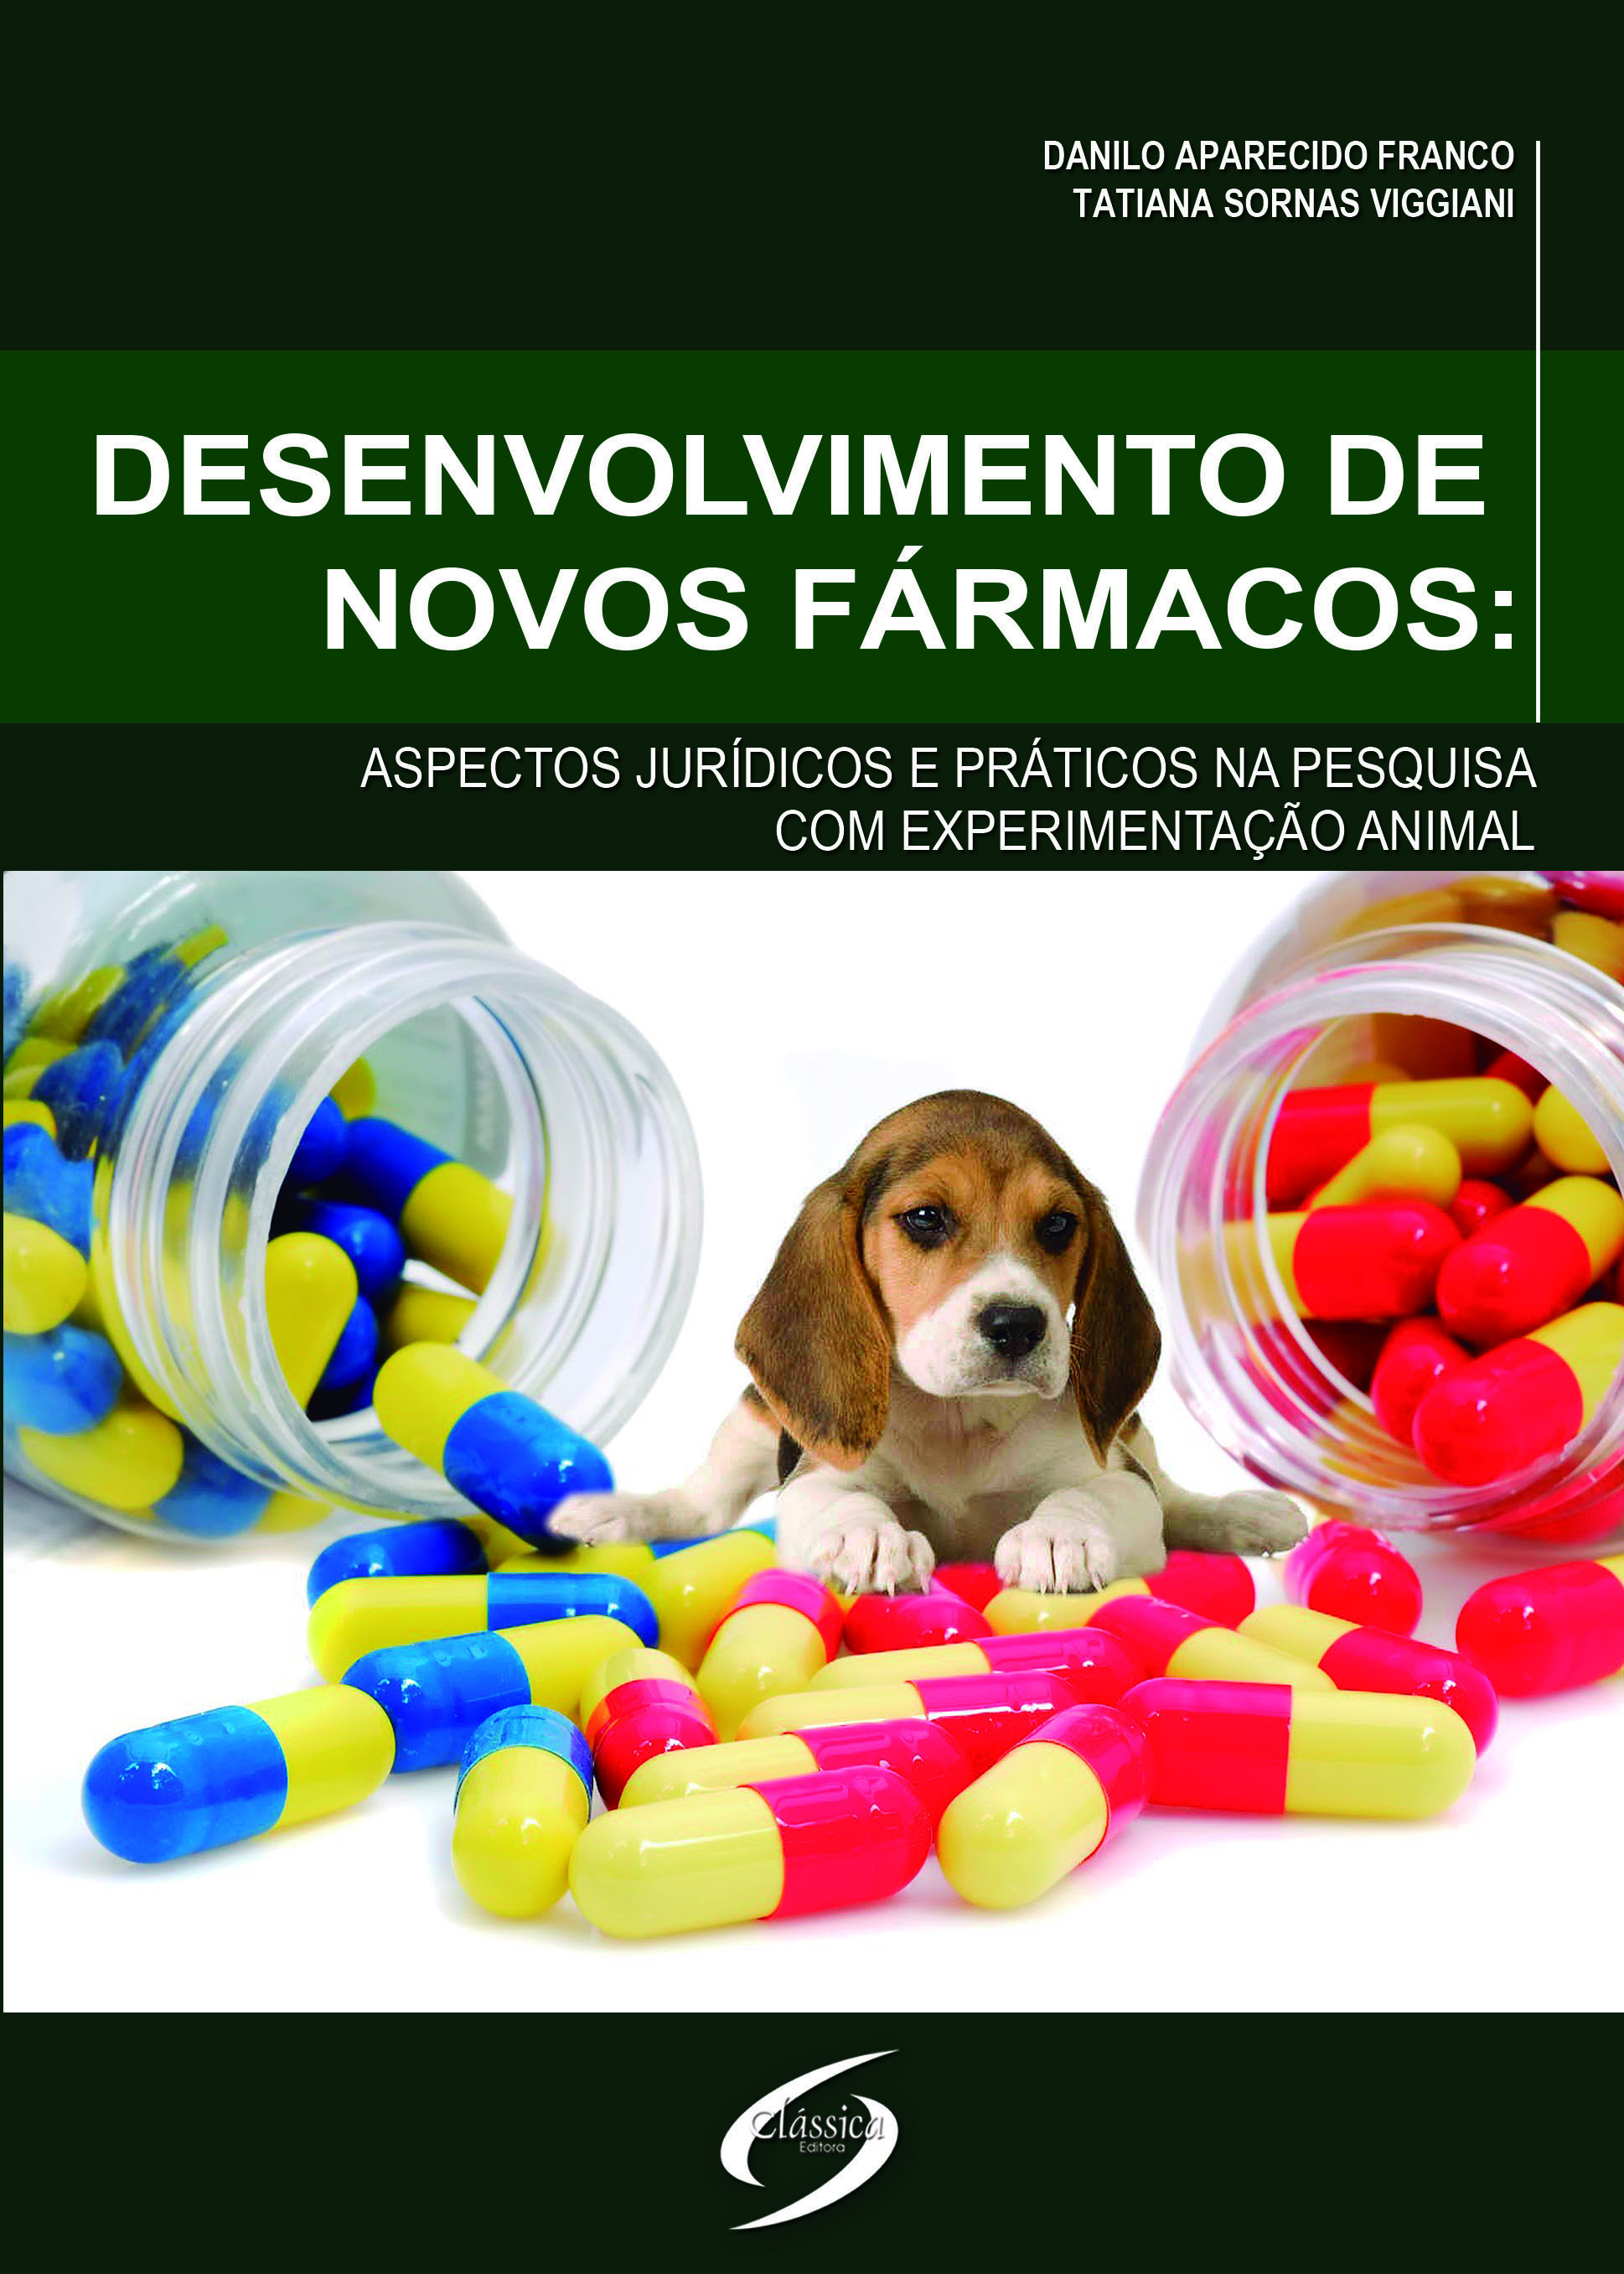 Desenvolvimento de Novos Fármacos: Aspectos Jurídicos e Práticos na Pesquisa com Experimentação Animal